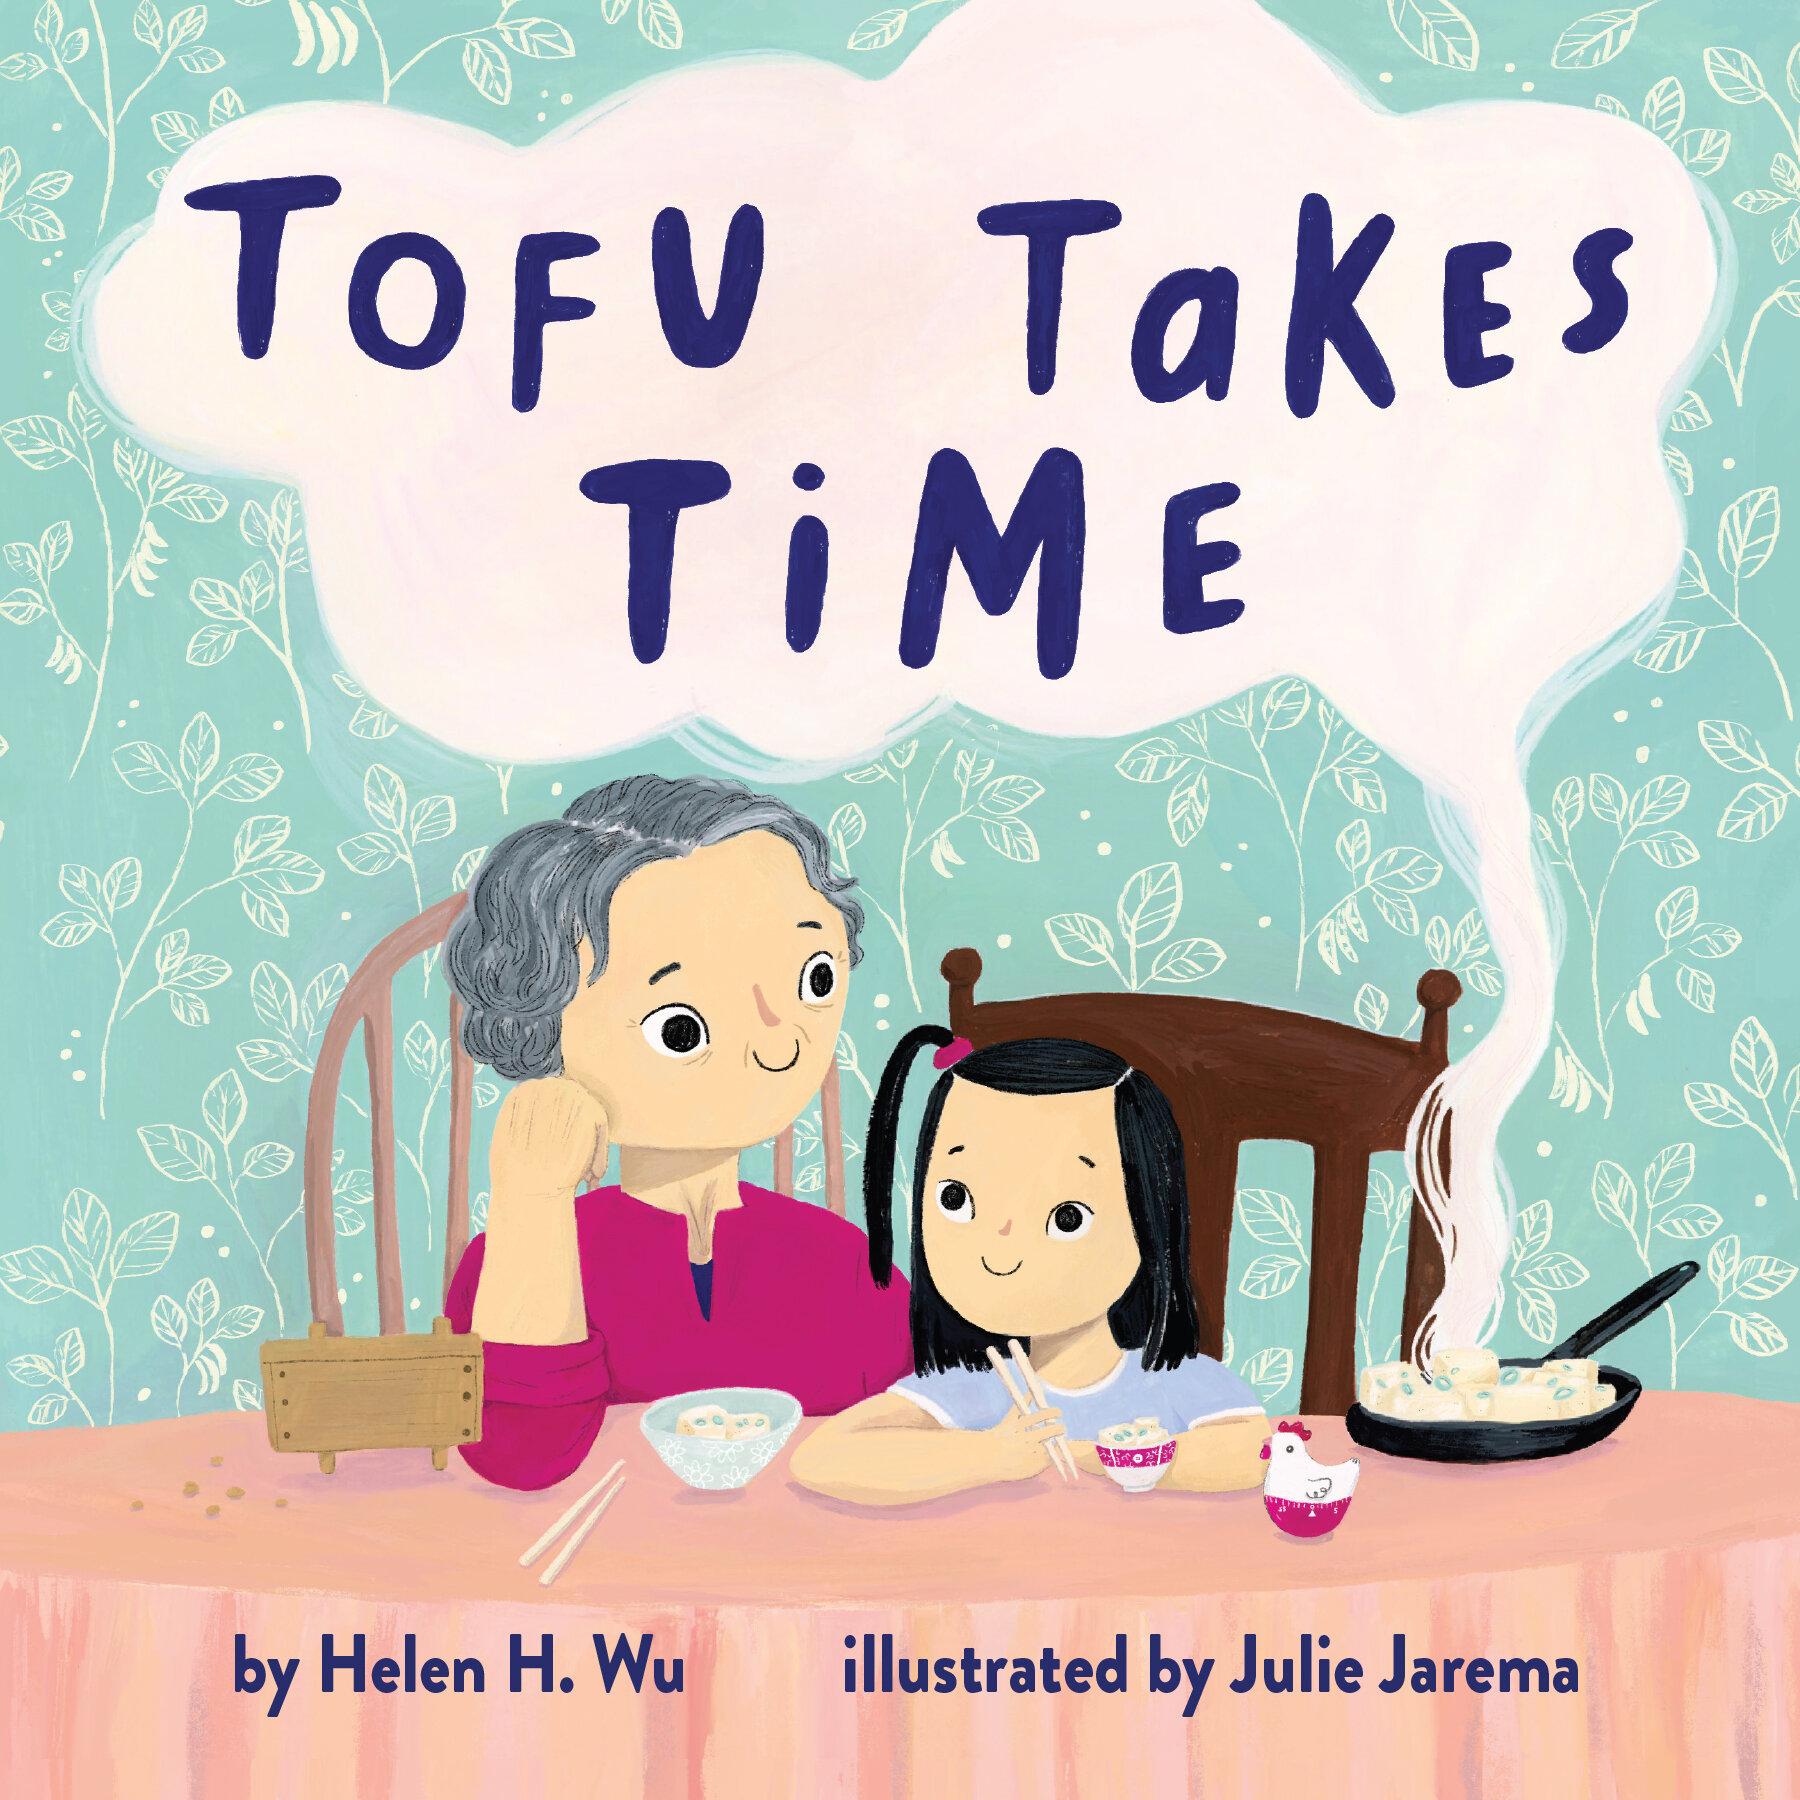 Tofu Takes Time